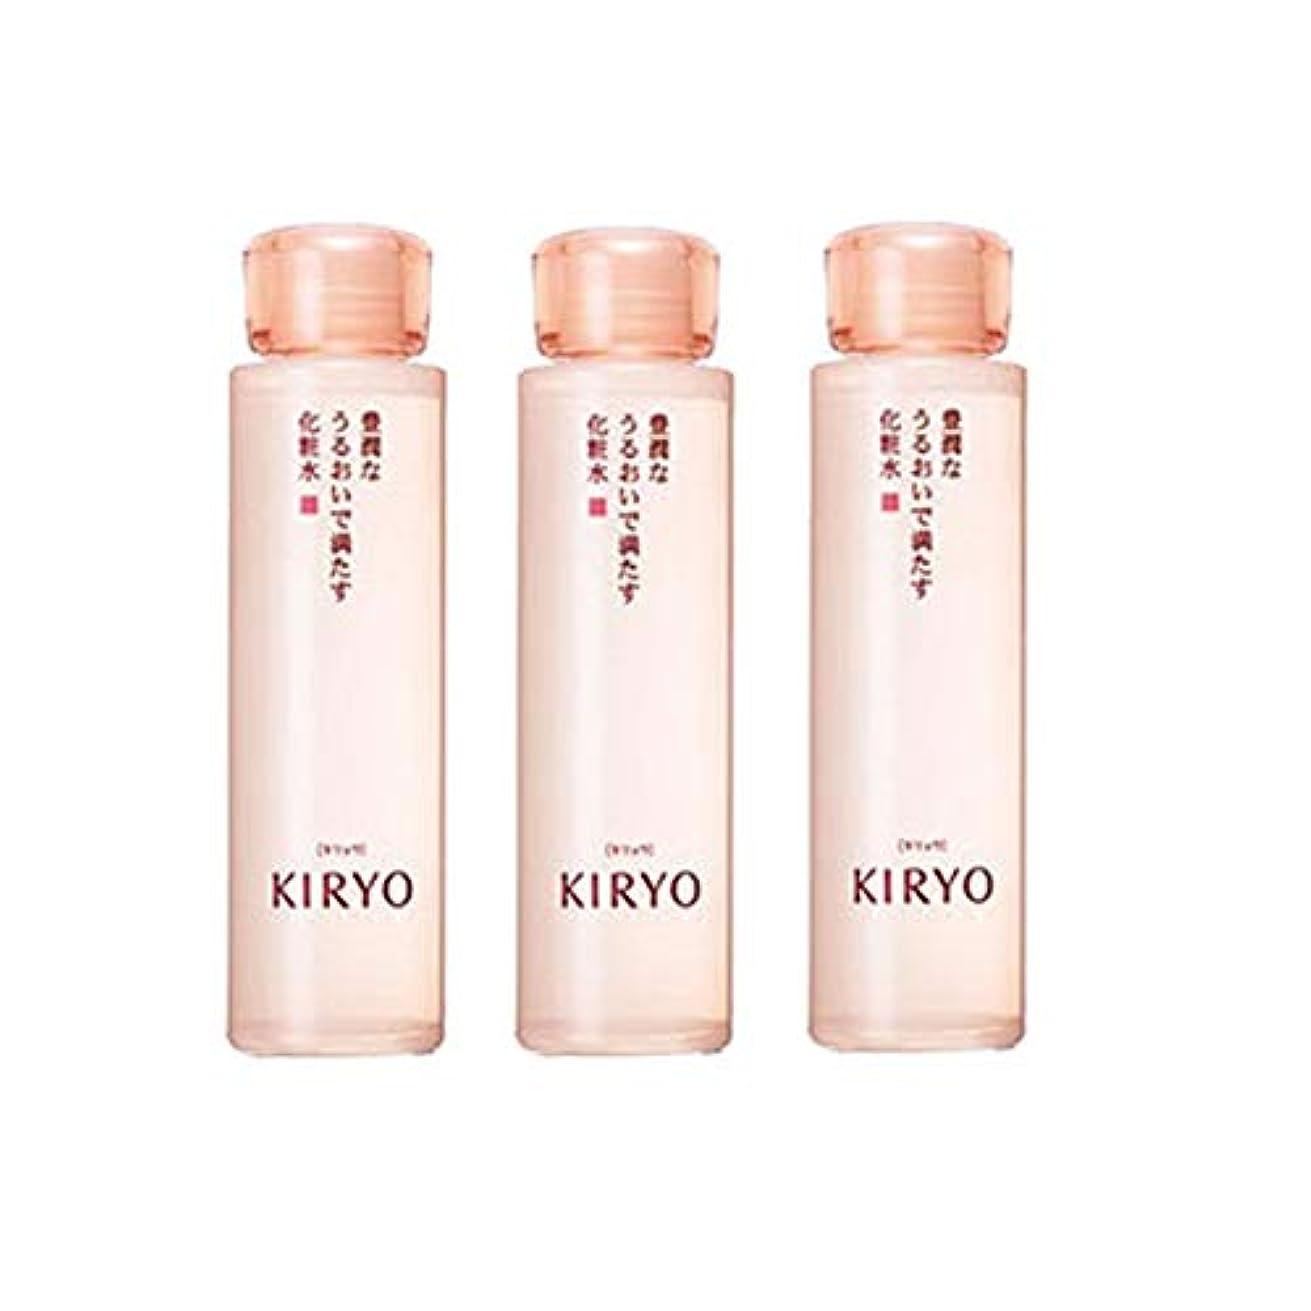 キャンベラいくつかの敵意【資生堂】KIRYO キリョウ ローション II (しっとり)150mL ×3個セット【International shipping available】